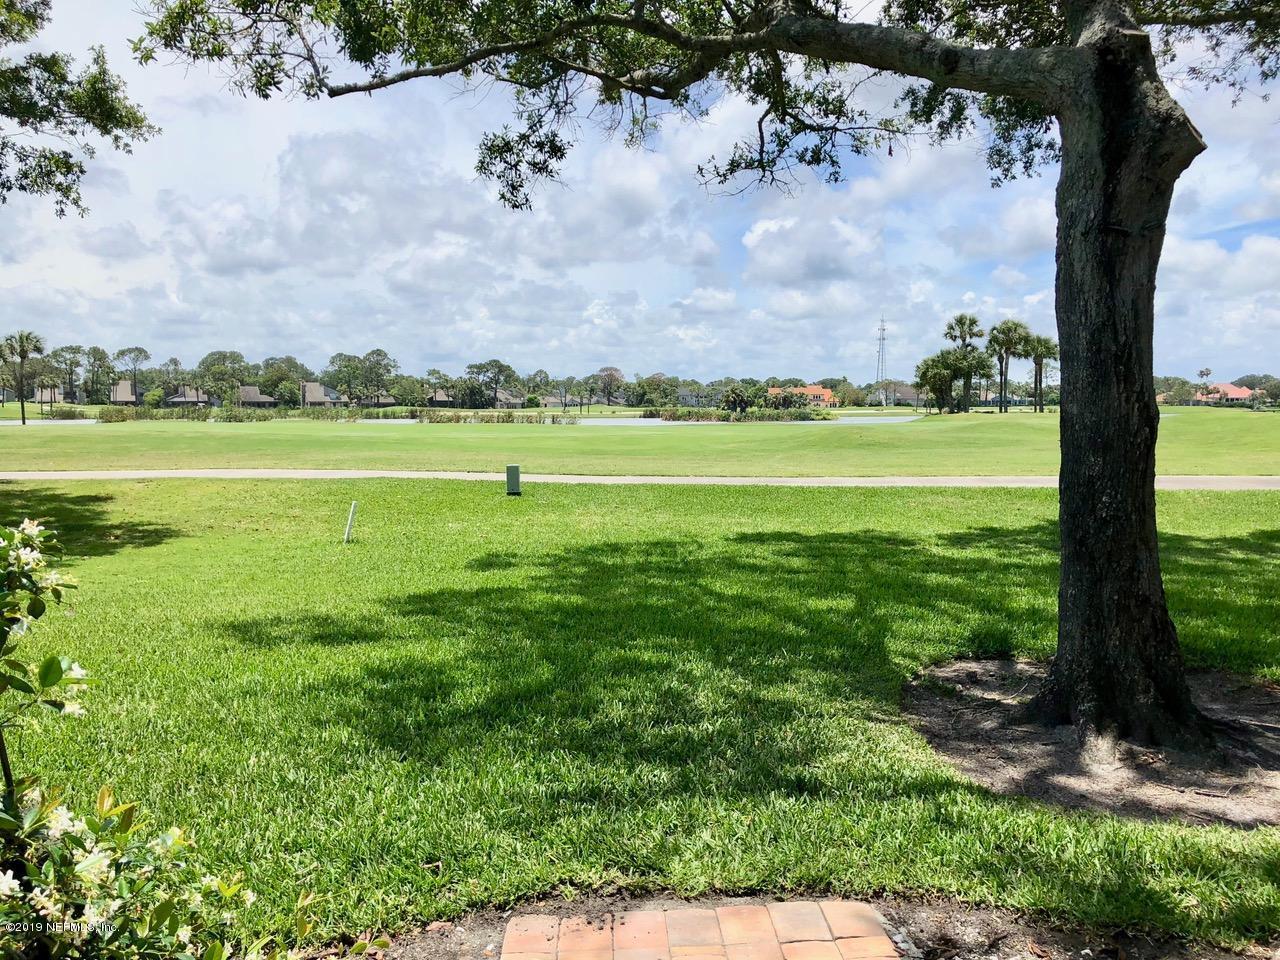 9692 DEER RUN, PONTE VEDRA BEACH, FLORIDA 32082, 3 Bedrooms Bedrooms, ,2 BathroomsBathrooms,Residential - condos/townhomes,For sale,DEER RUN,976235